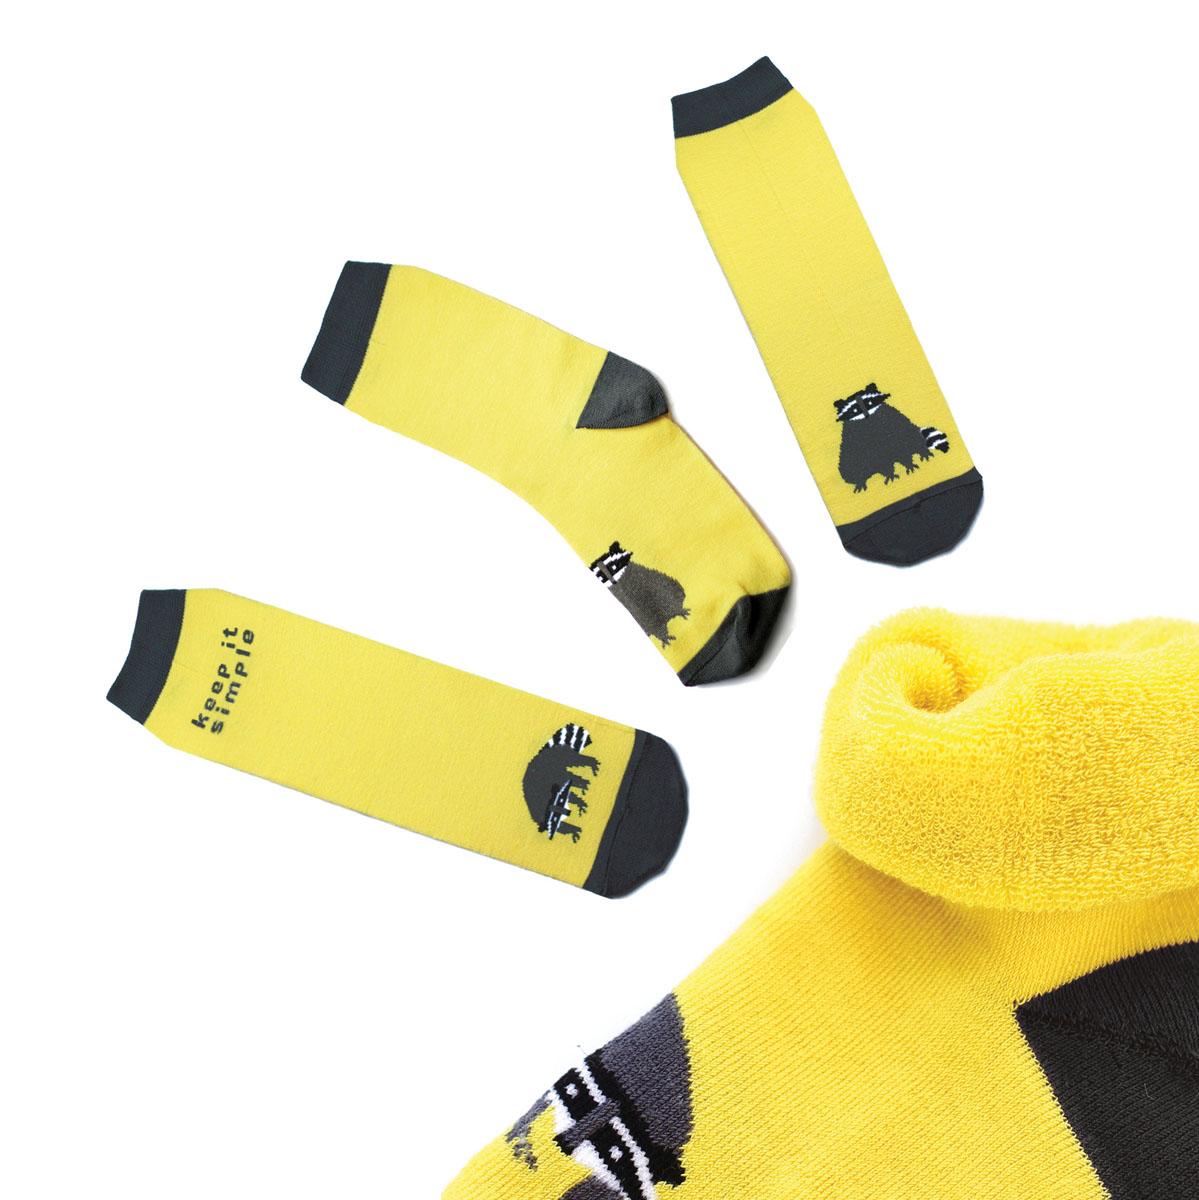 Носкиca1223Яркие женские носки Big Bang Socks изготовлены из высококачественного хлопка с добавлением полиамидных и эластановых волокон, которые обеспечивают великолепную посадку. Носки отличаются ярким стильным дизайном. Они оформлены изображением енота и надписью на английском языке. Удобная резинка идеально облегает ногу и не пережимает сосуды, усиленные пятка и мысок повышают износоустойчивость носка, а удлиненный паголенок придает более эстетичный вид. Дизайнерские носки Big Bang Socks - яркая деталь в вашем образе и оригинальный подарок для друзей и близких.